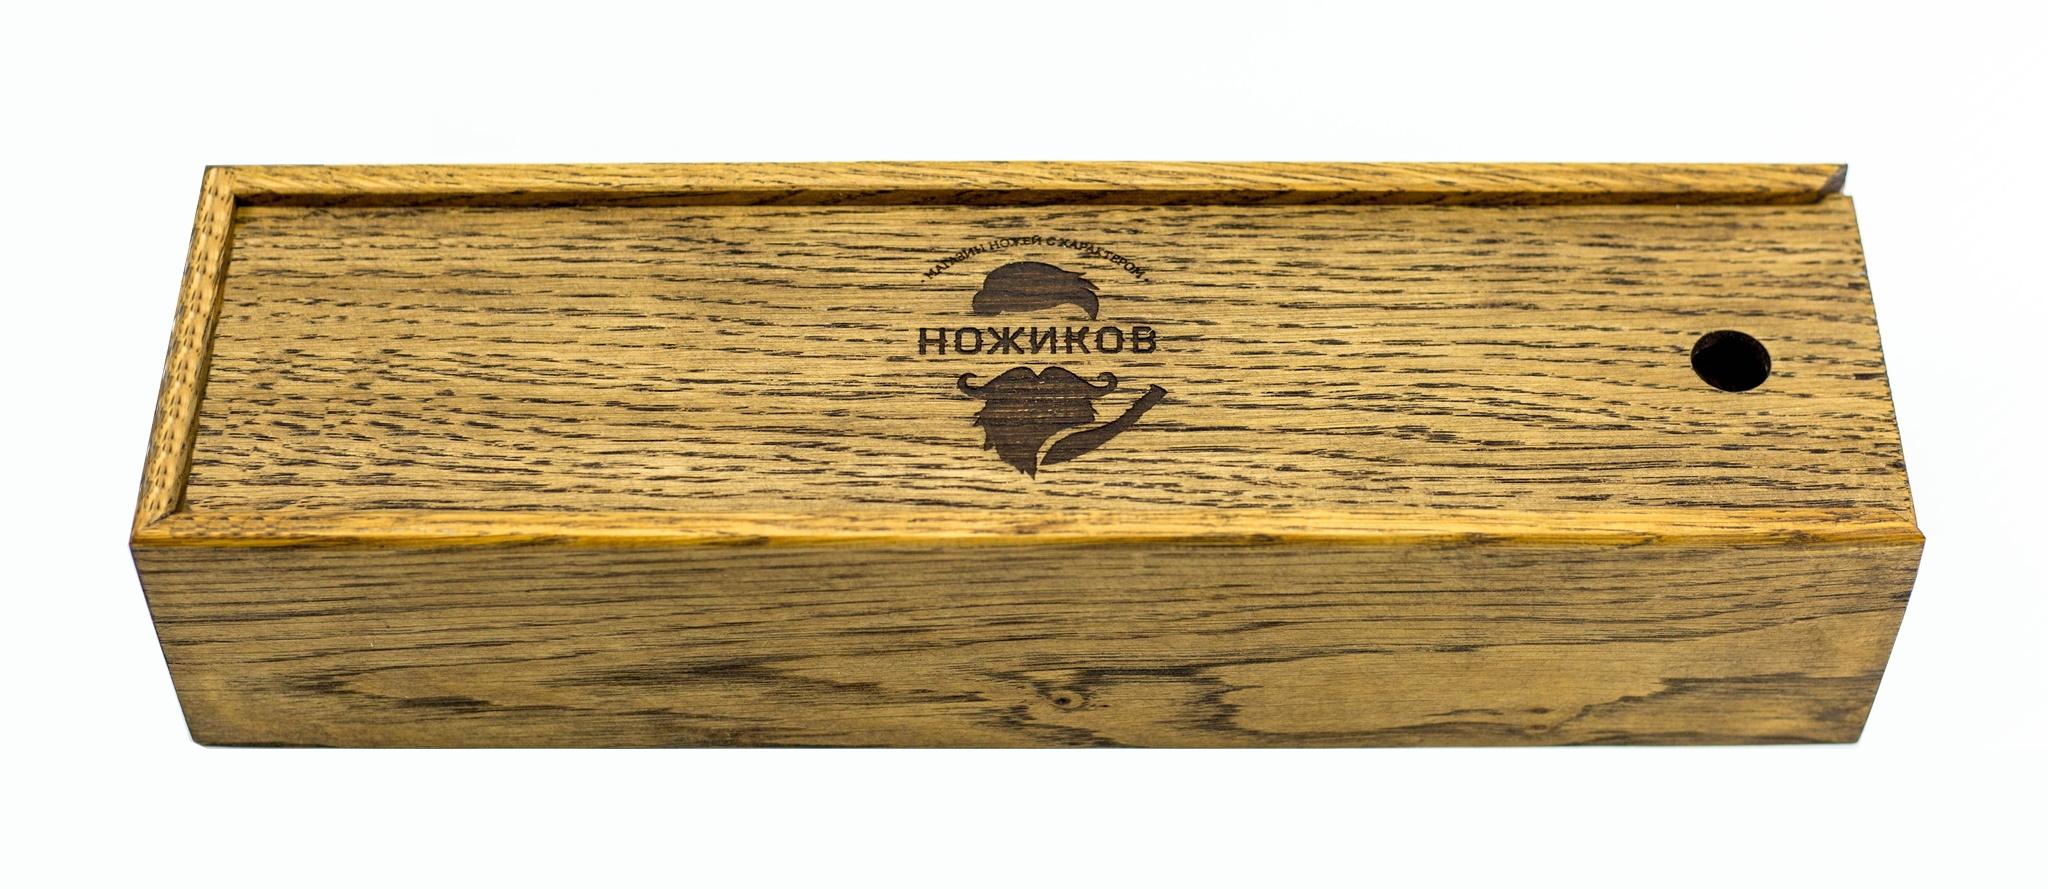 Подарочная коробка для  ножей, дуб от Фабрика деревянных футляров